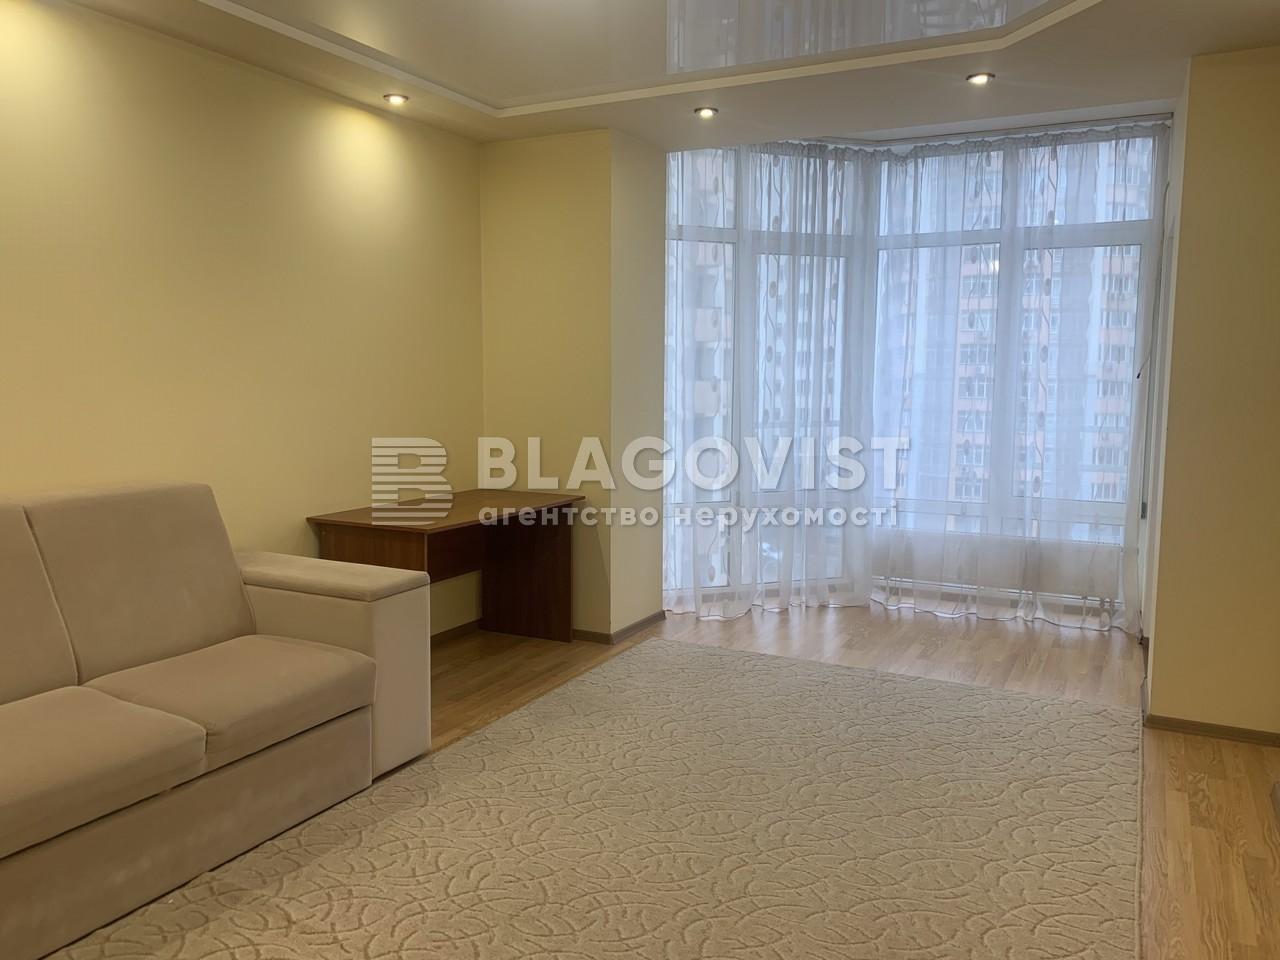 Квартира Z-874038, Ломоносова, 54, Киев - Фото 1